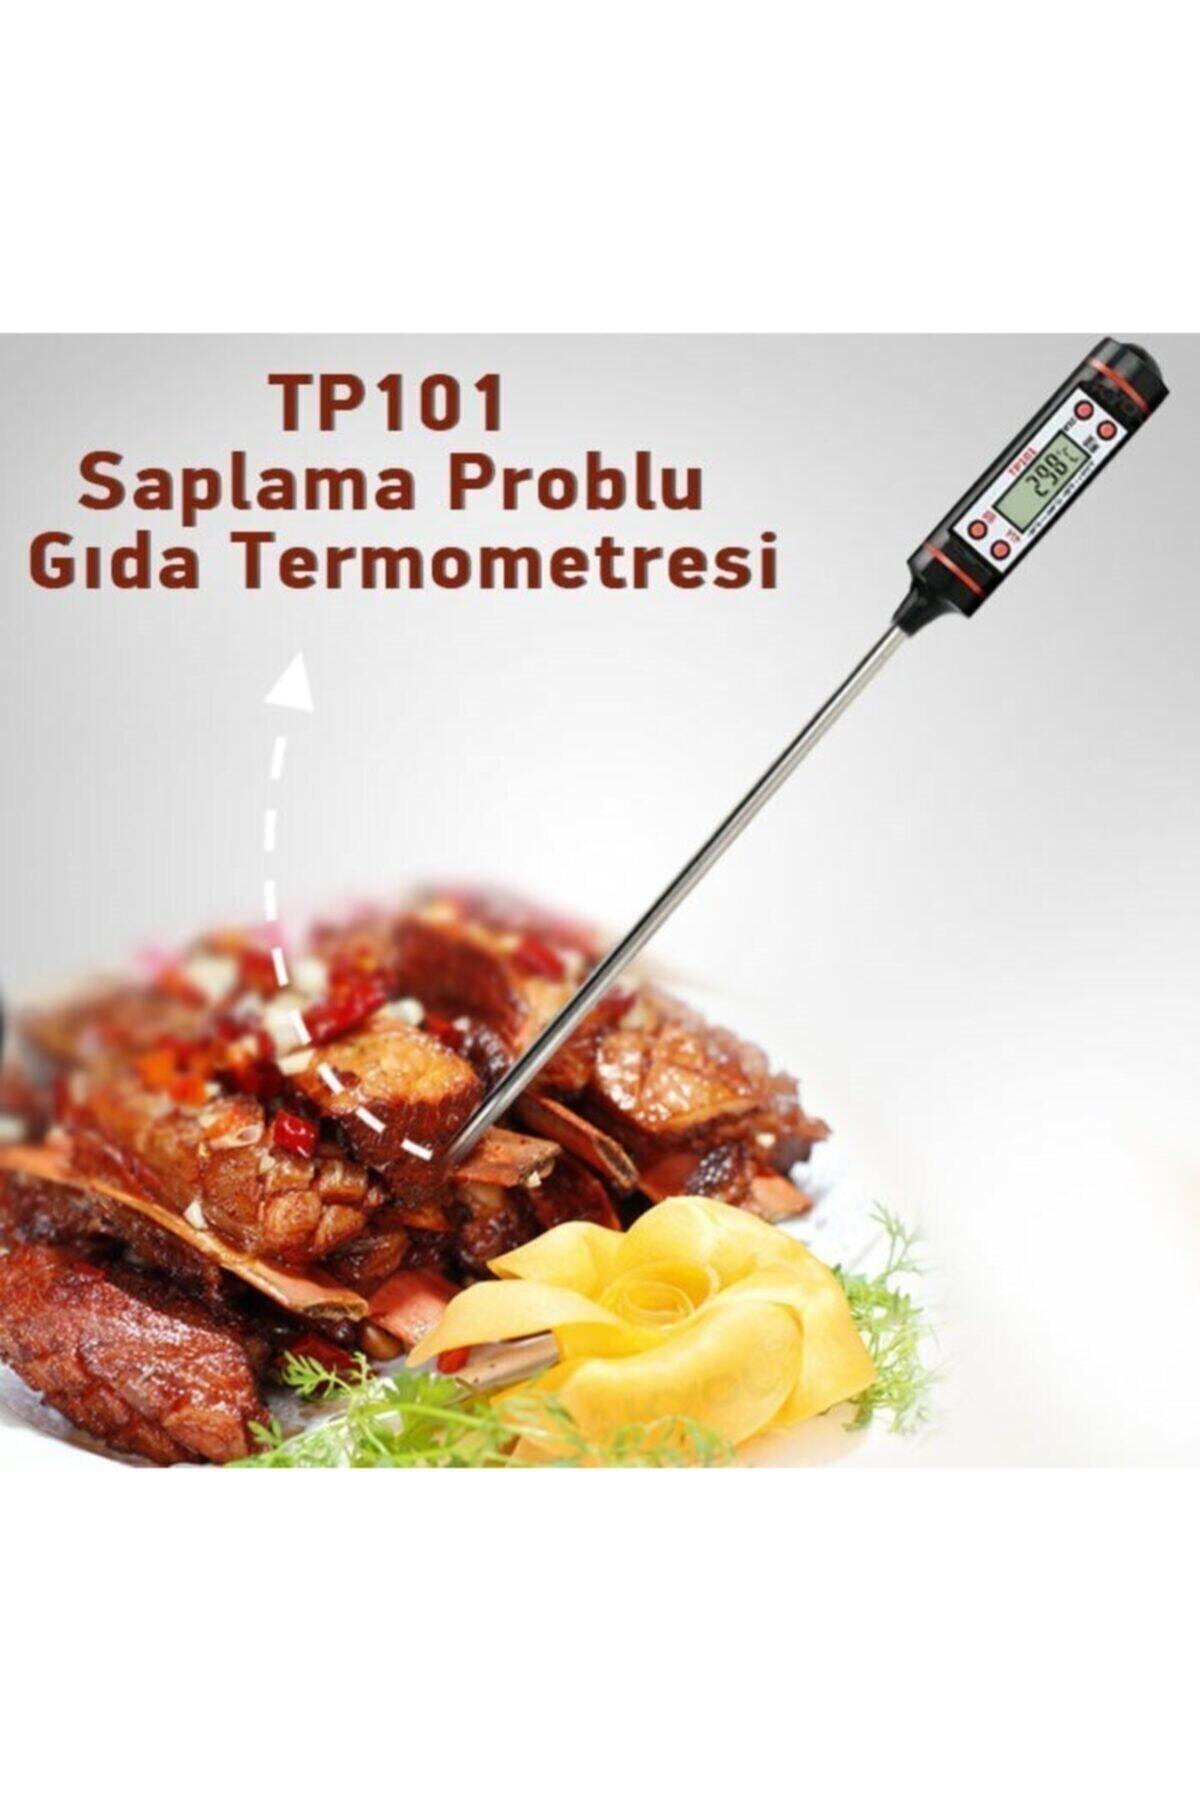 Kısmet Dijital Gıda Termometersi Sıvı Gıda,et,su,süt Yiyecek Sıcaklık Ölçer Mutfak Için Gıda Termometresi 2